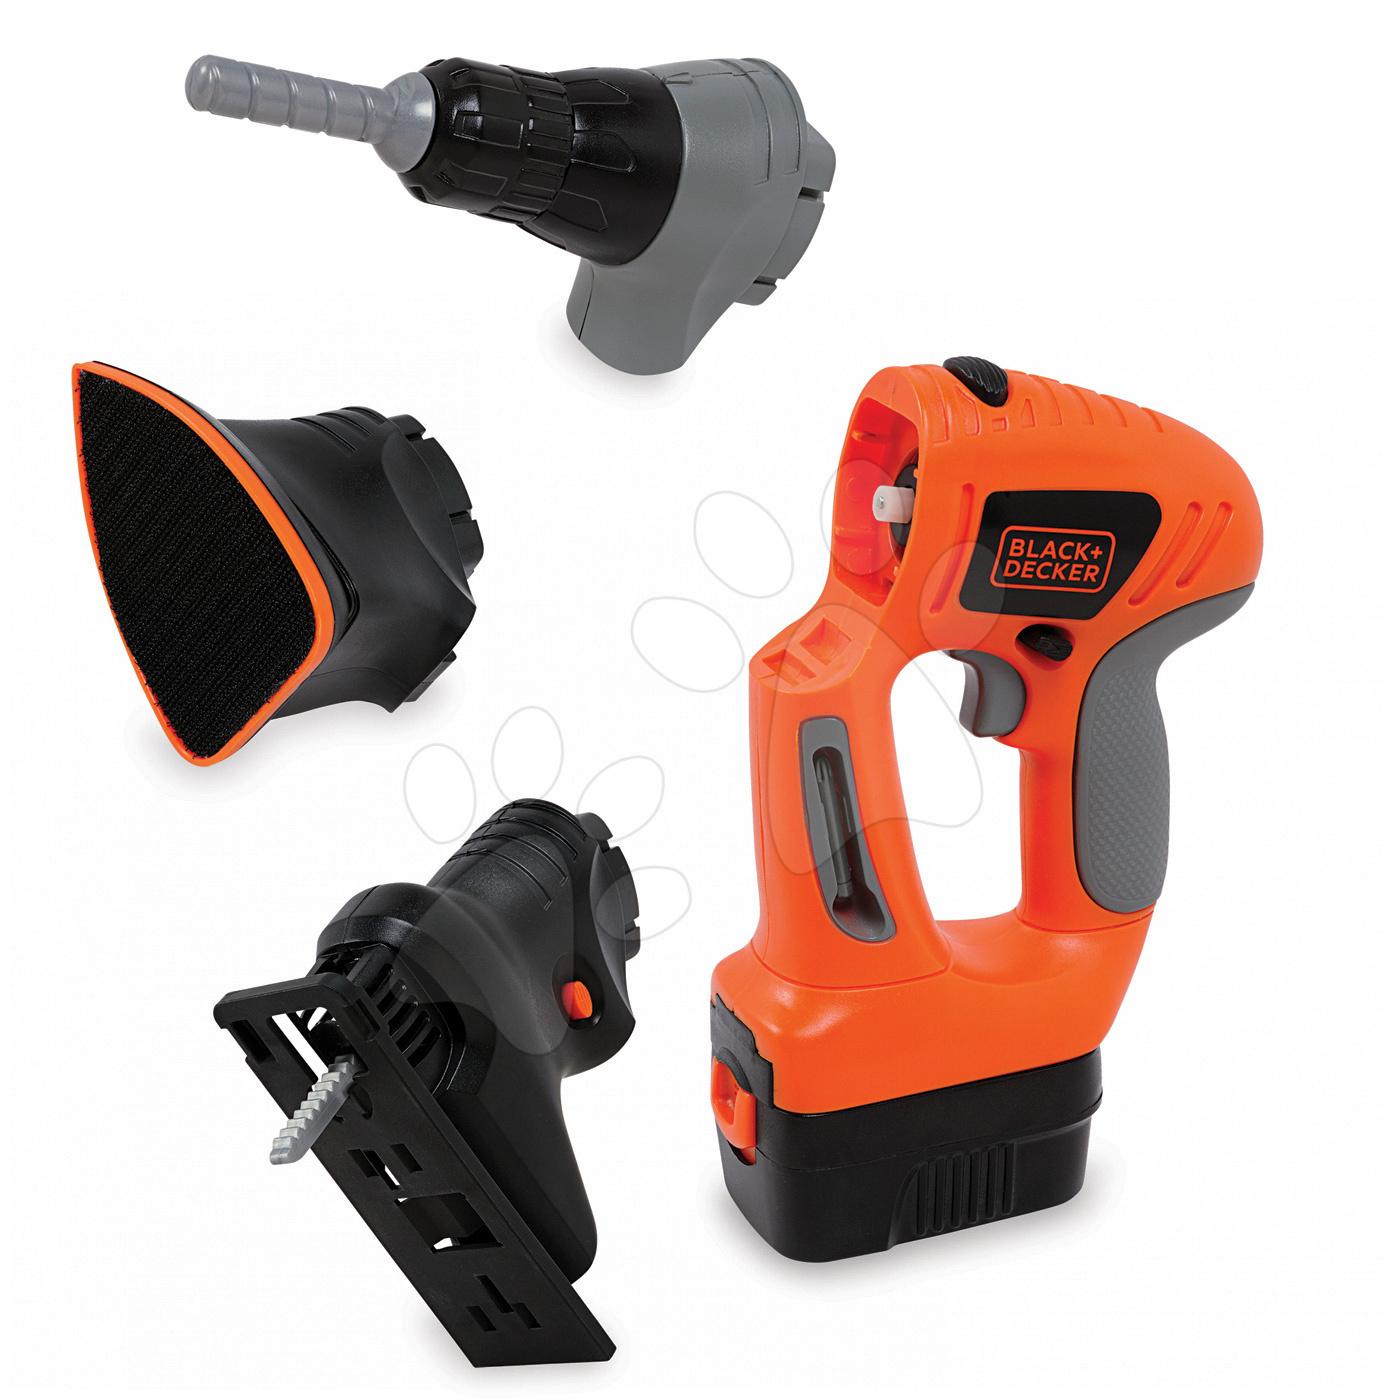 Náradie a nástroje - Pracovné náradie 3v1 Black+Decker Evo Smoby elektronické